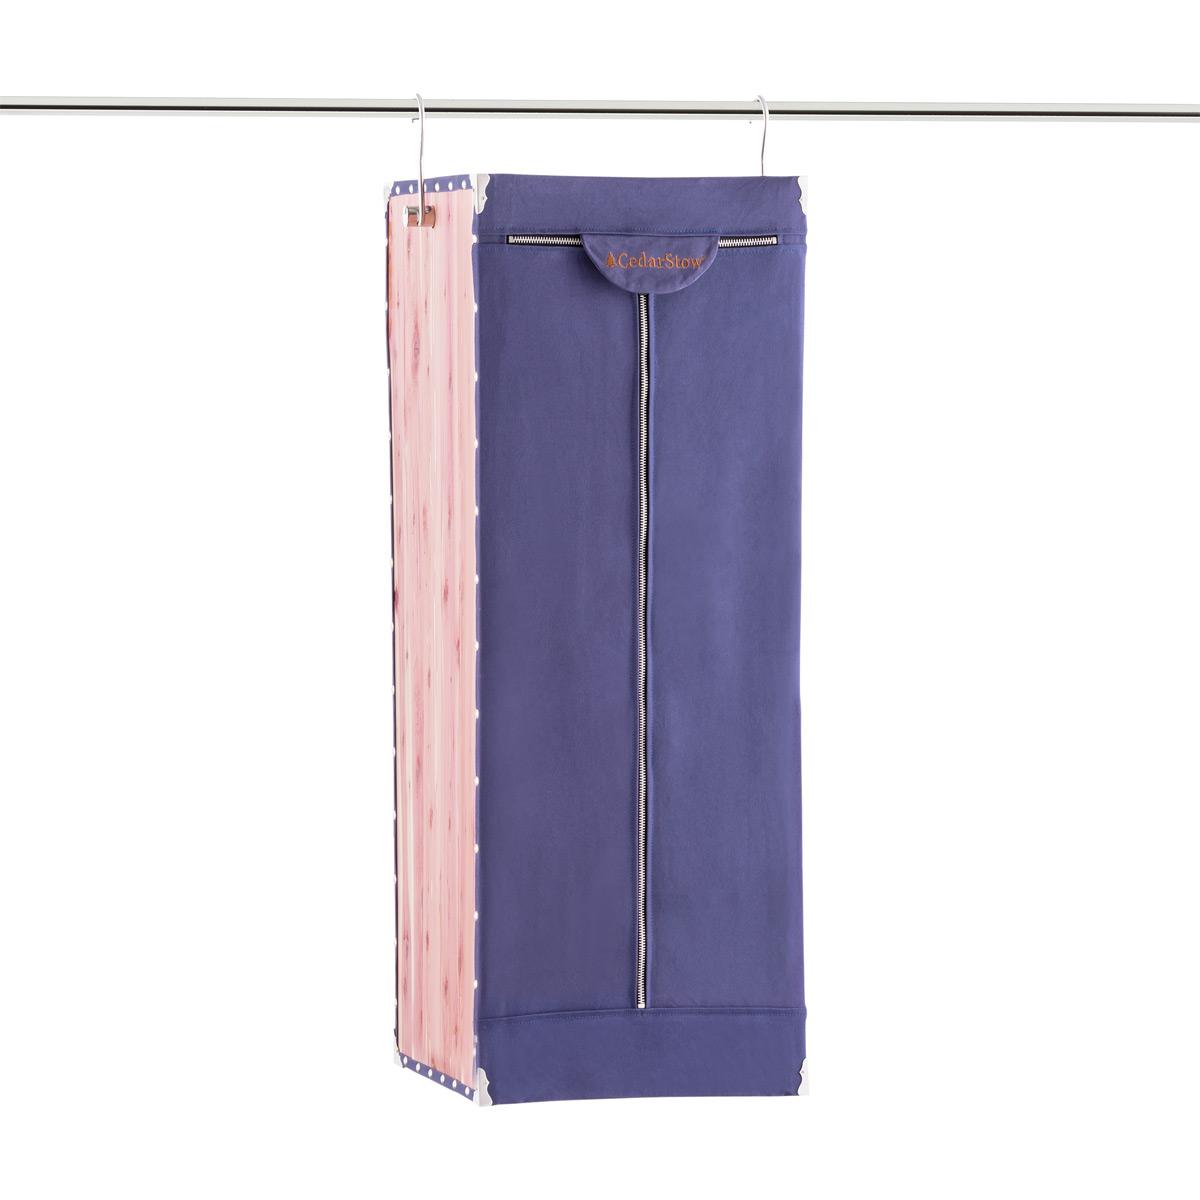 Cedar Stow Hanging Suit Bag